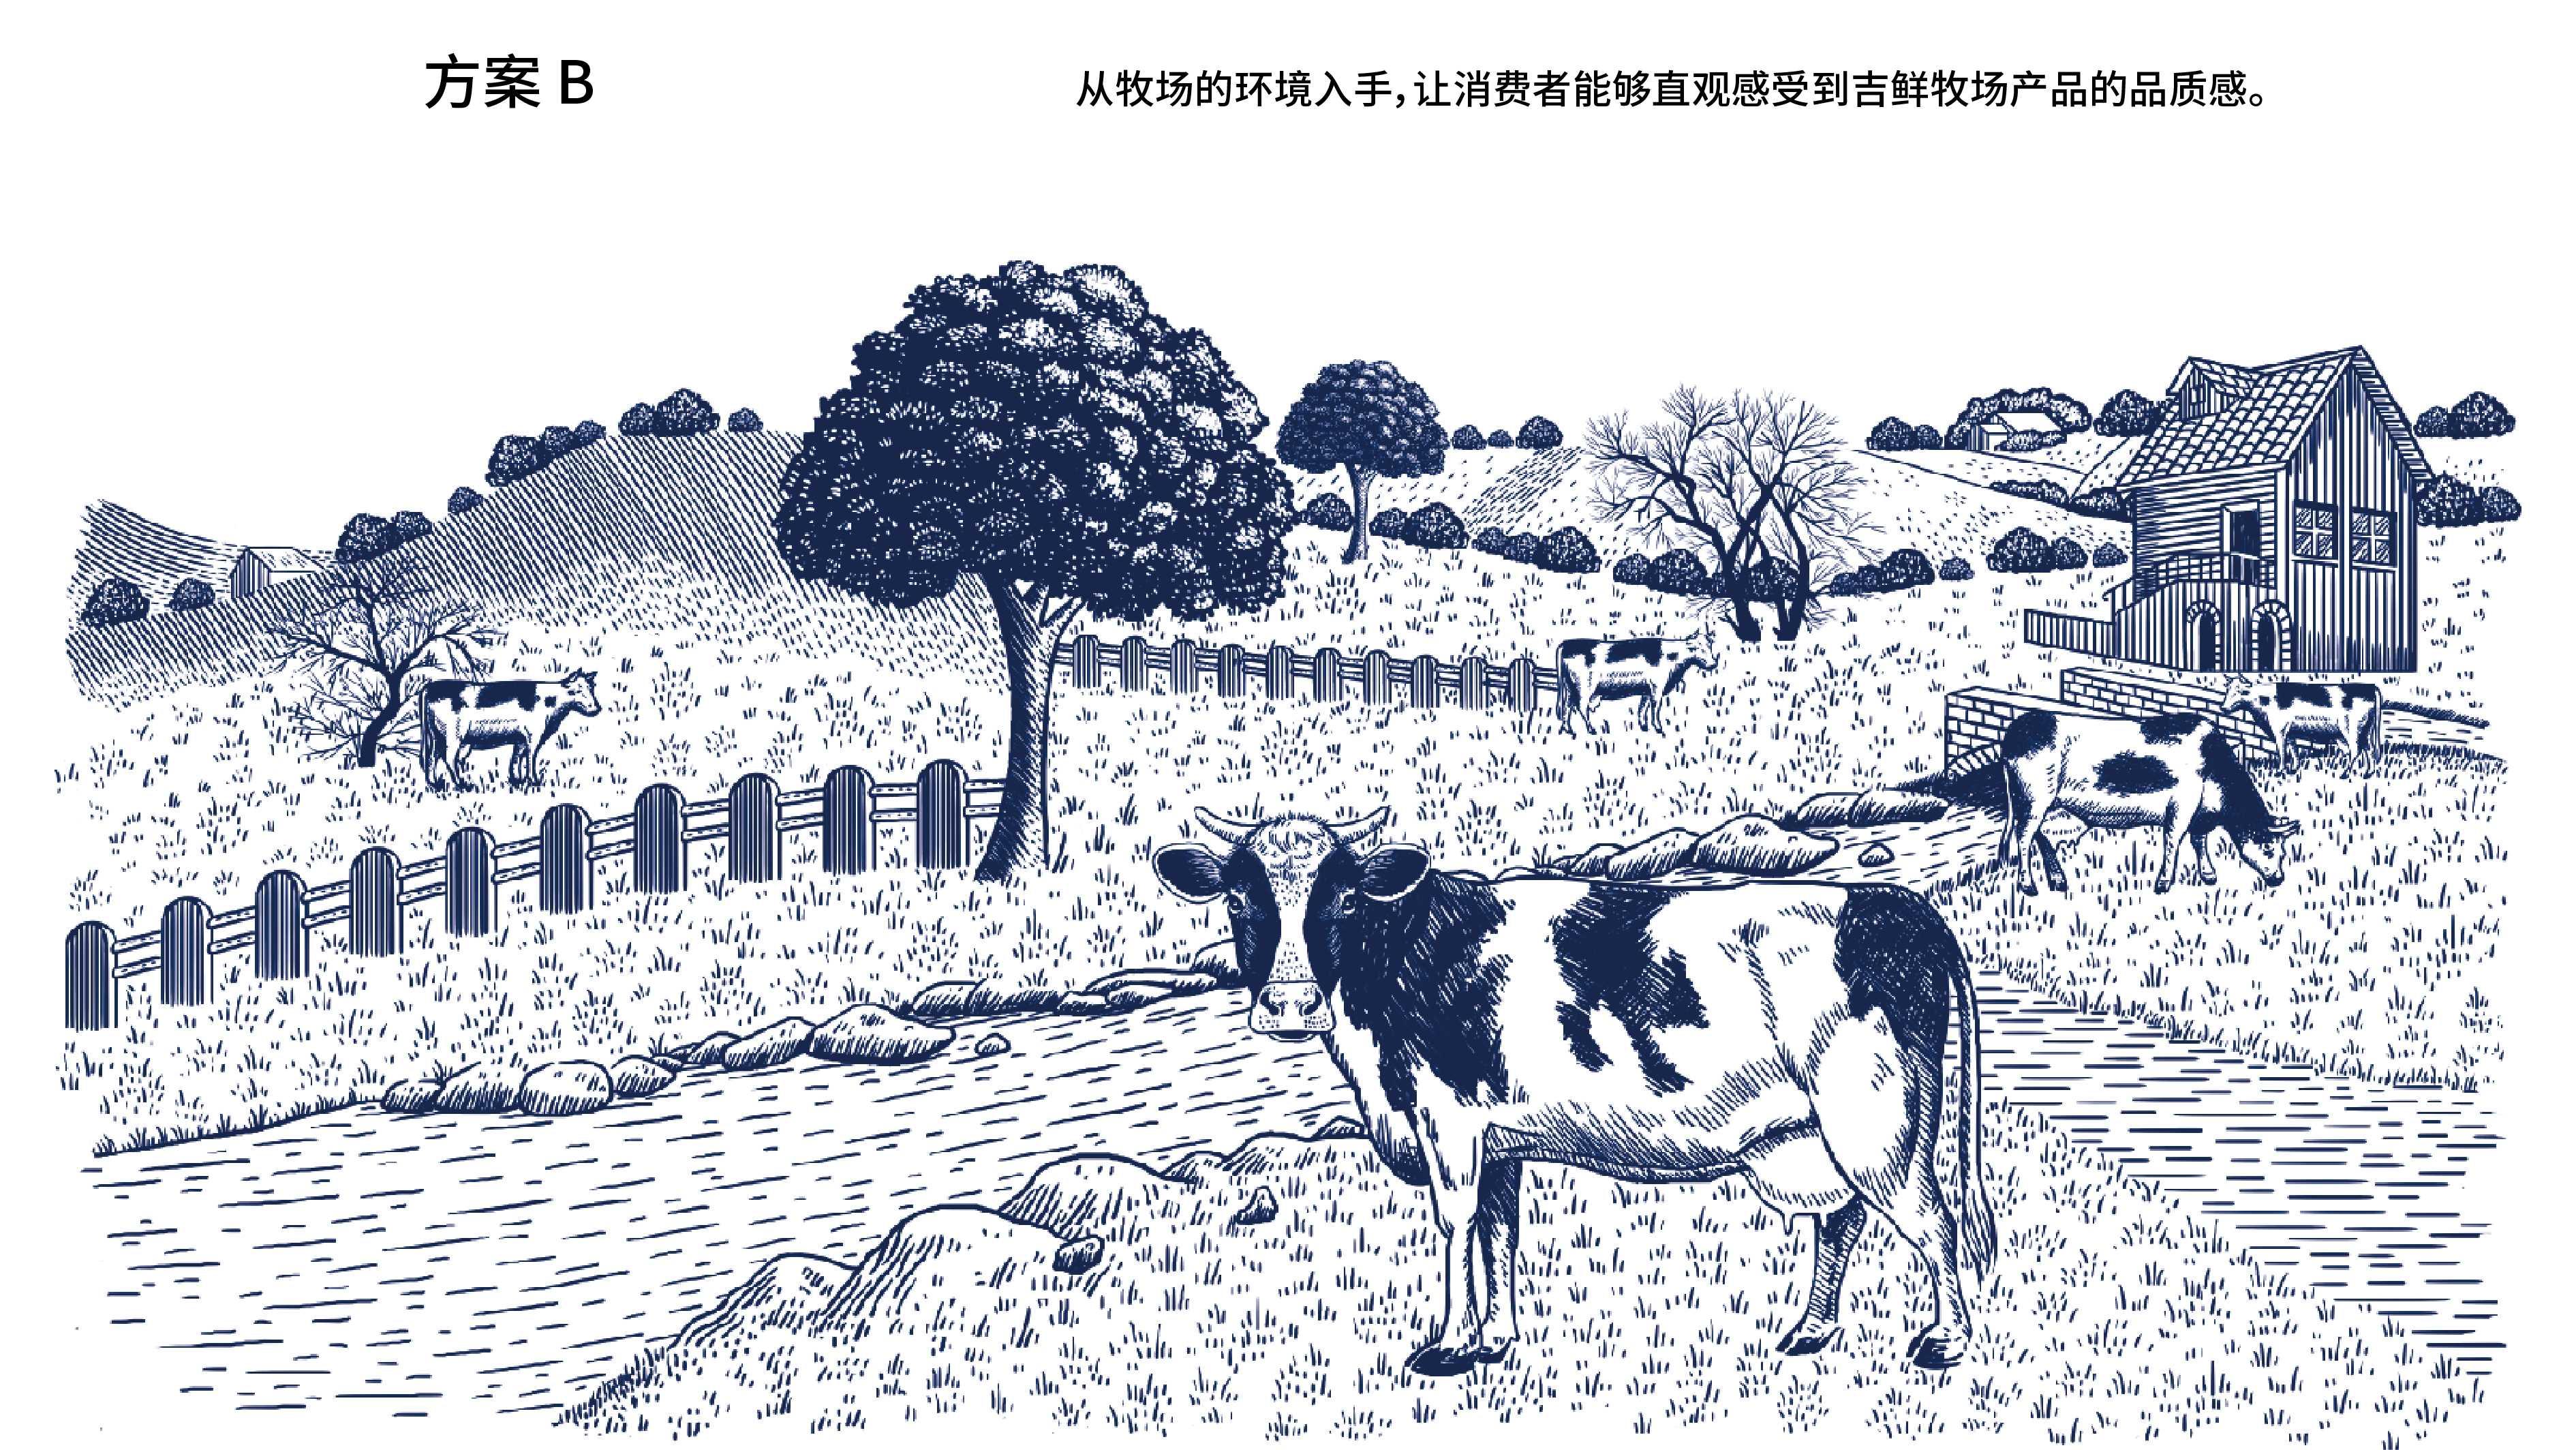 吉鲜牧场-吉鲜牧场-16